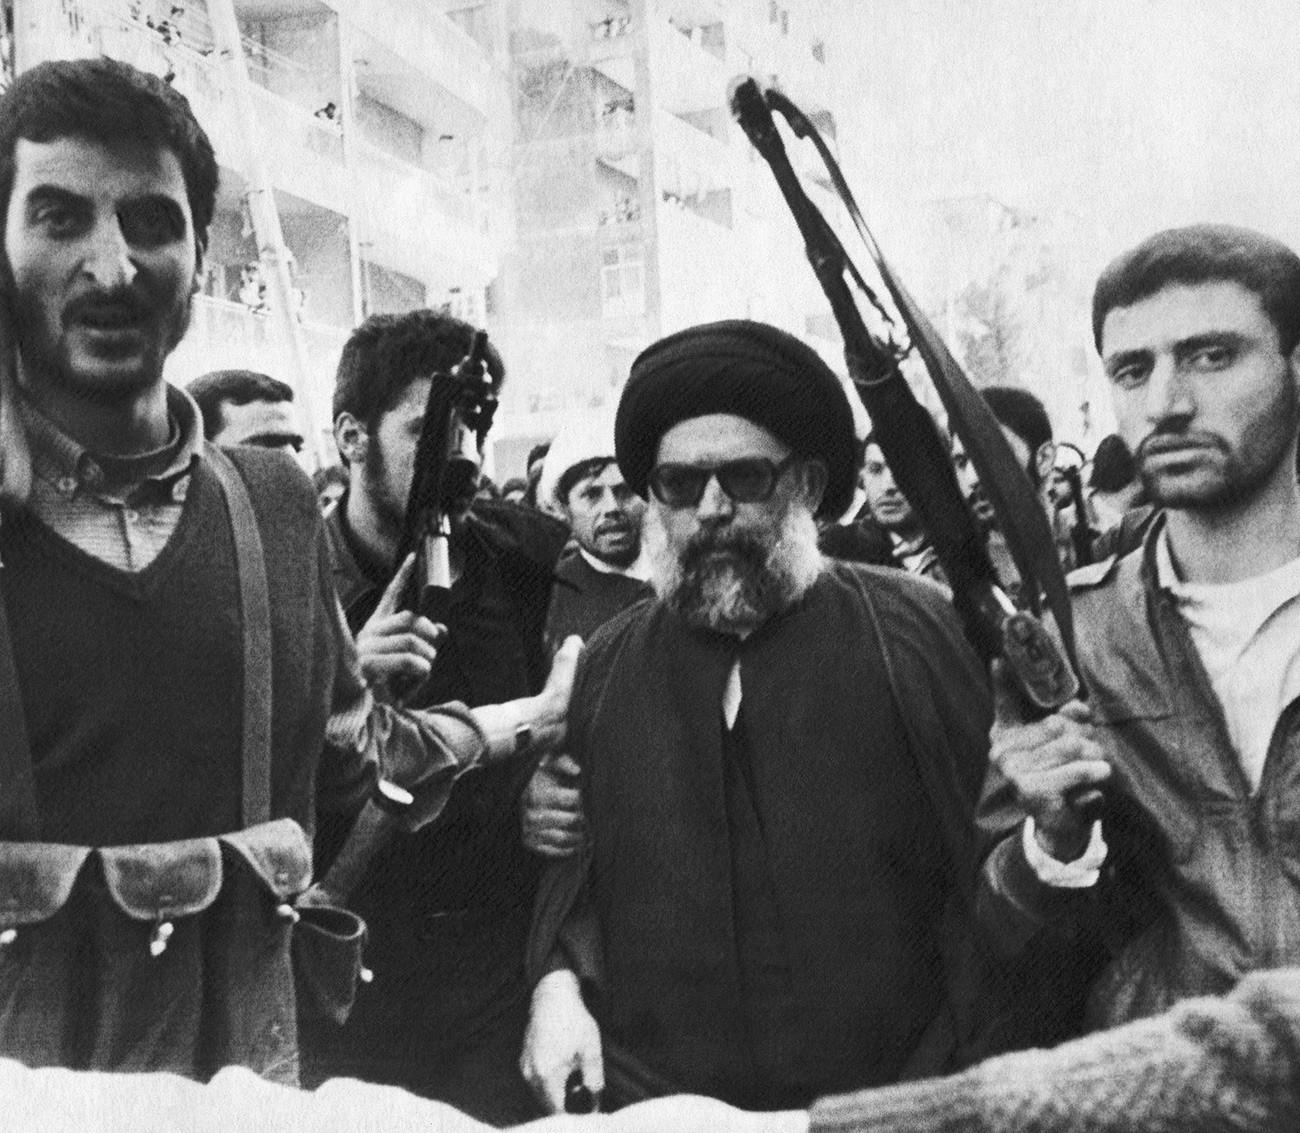 Muhamed Husein Fadlallah u crnom turbanu okružen tjelohraniteljima 9. ožujka 1985. dolazi u džamiju u južnom predgrađu Beiruta (Libanon) na pogreb 75 žrtava eksplozije miniranog automobila.